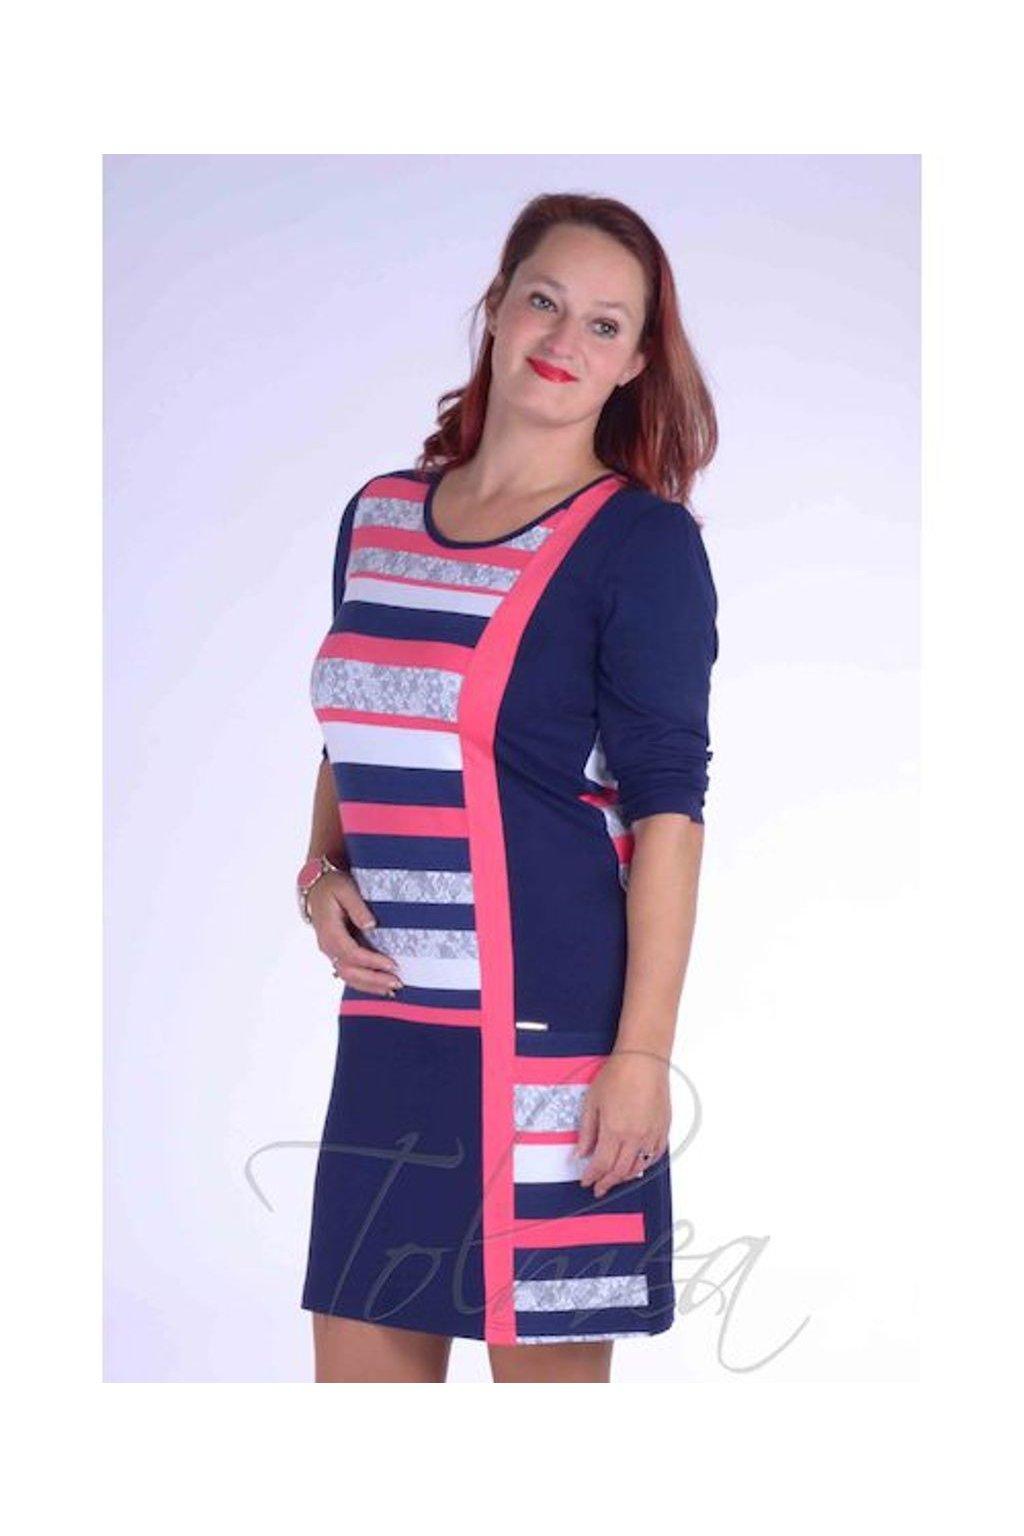 Šaty proužky členěné 2118 (Velikost 36, Barva Vzorovaná)